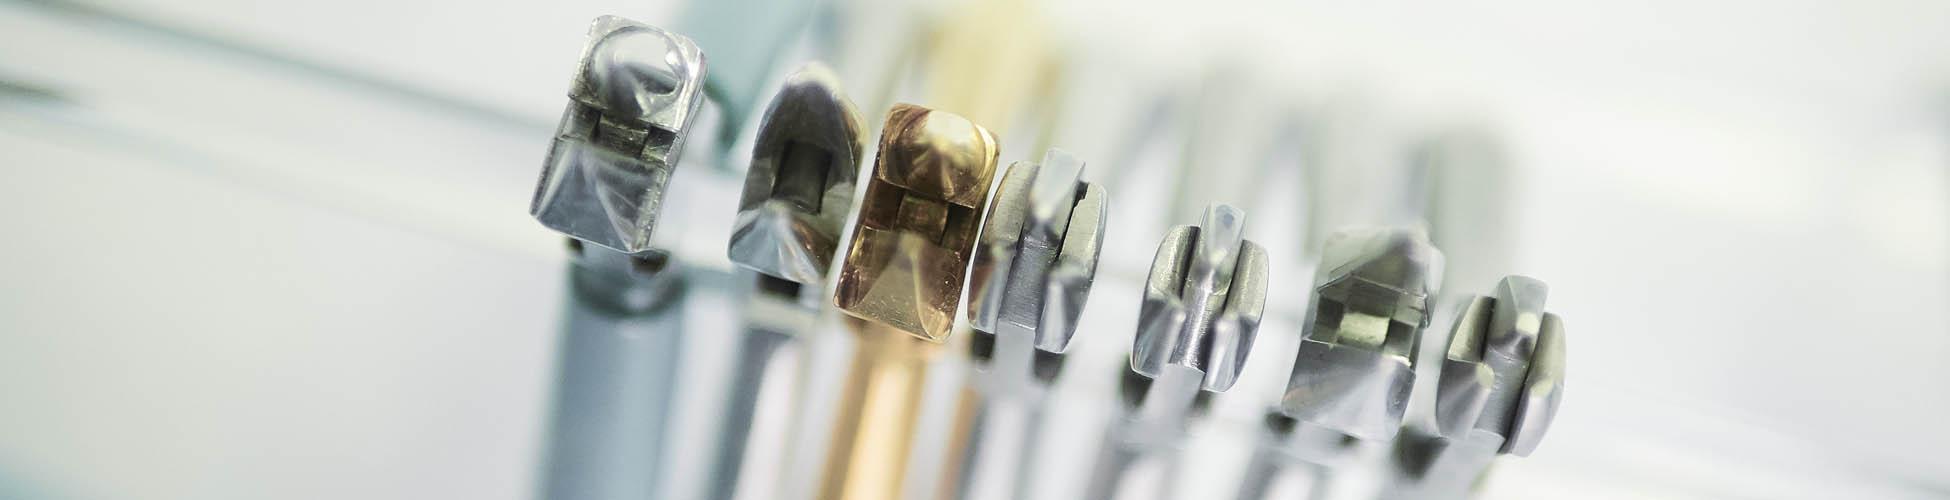 salud y estetica dental en Valladolid